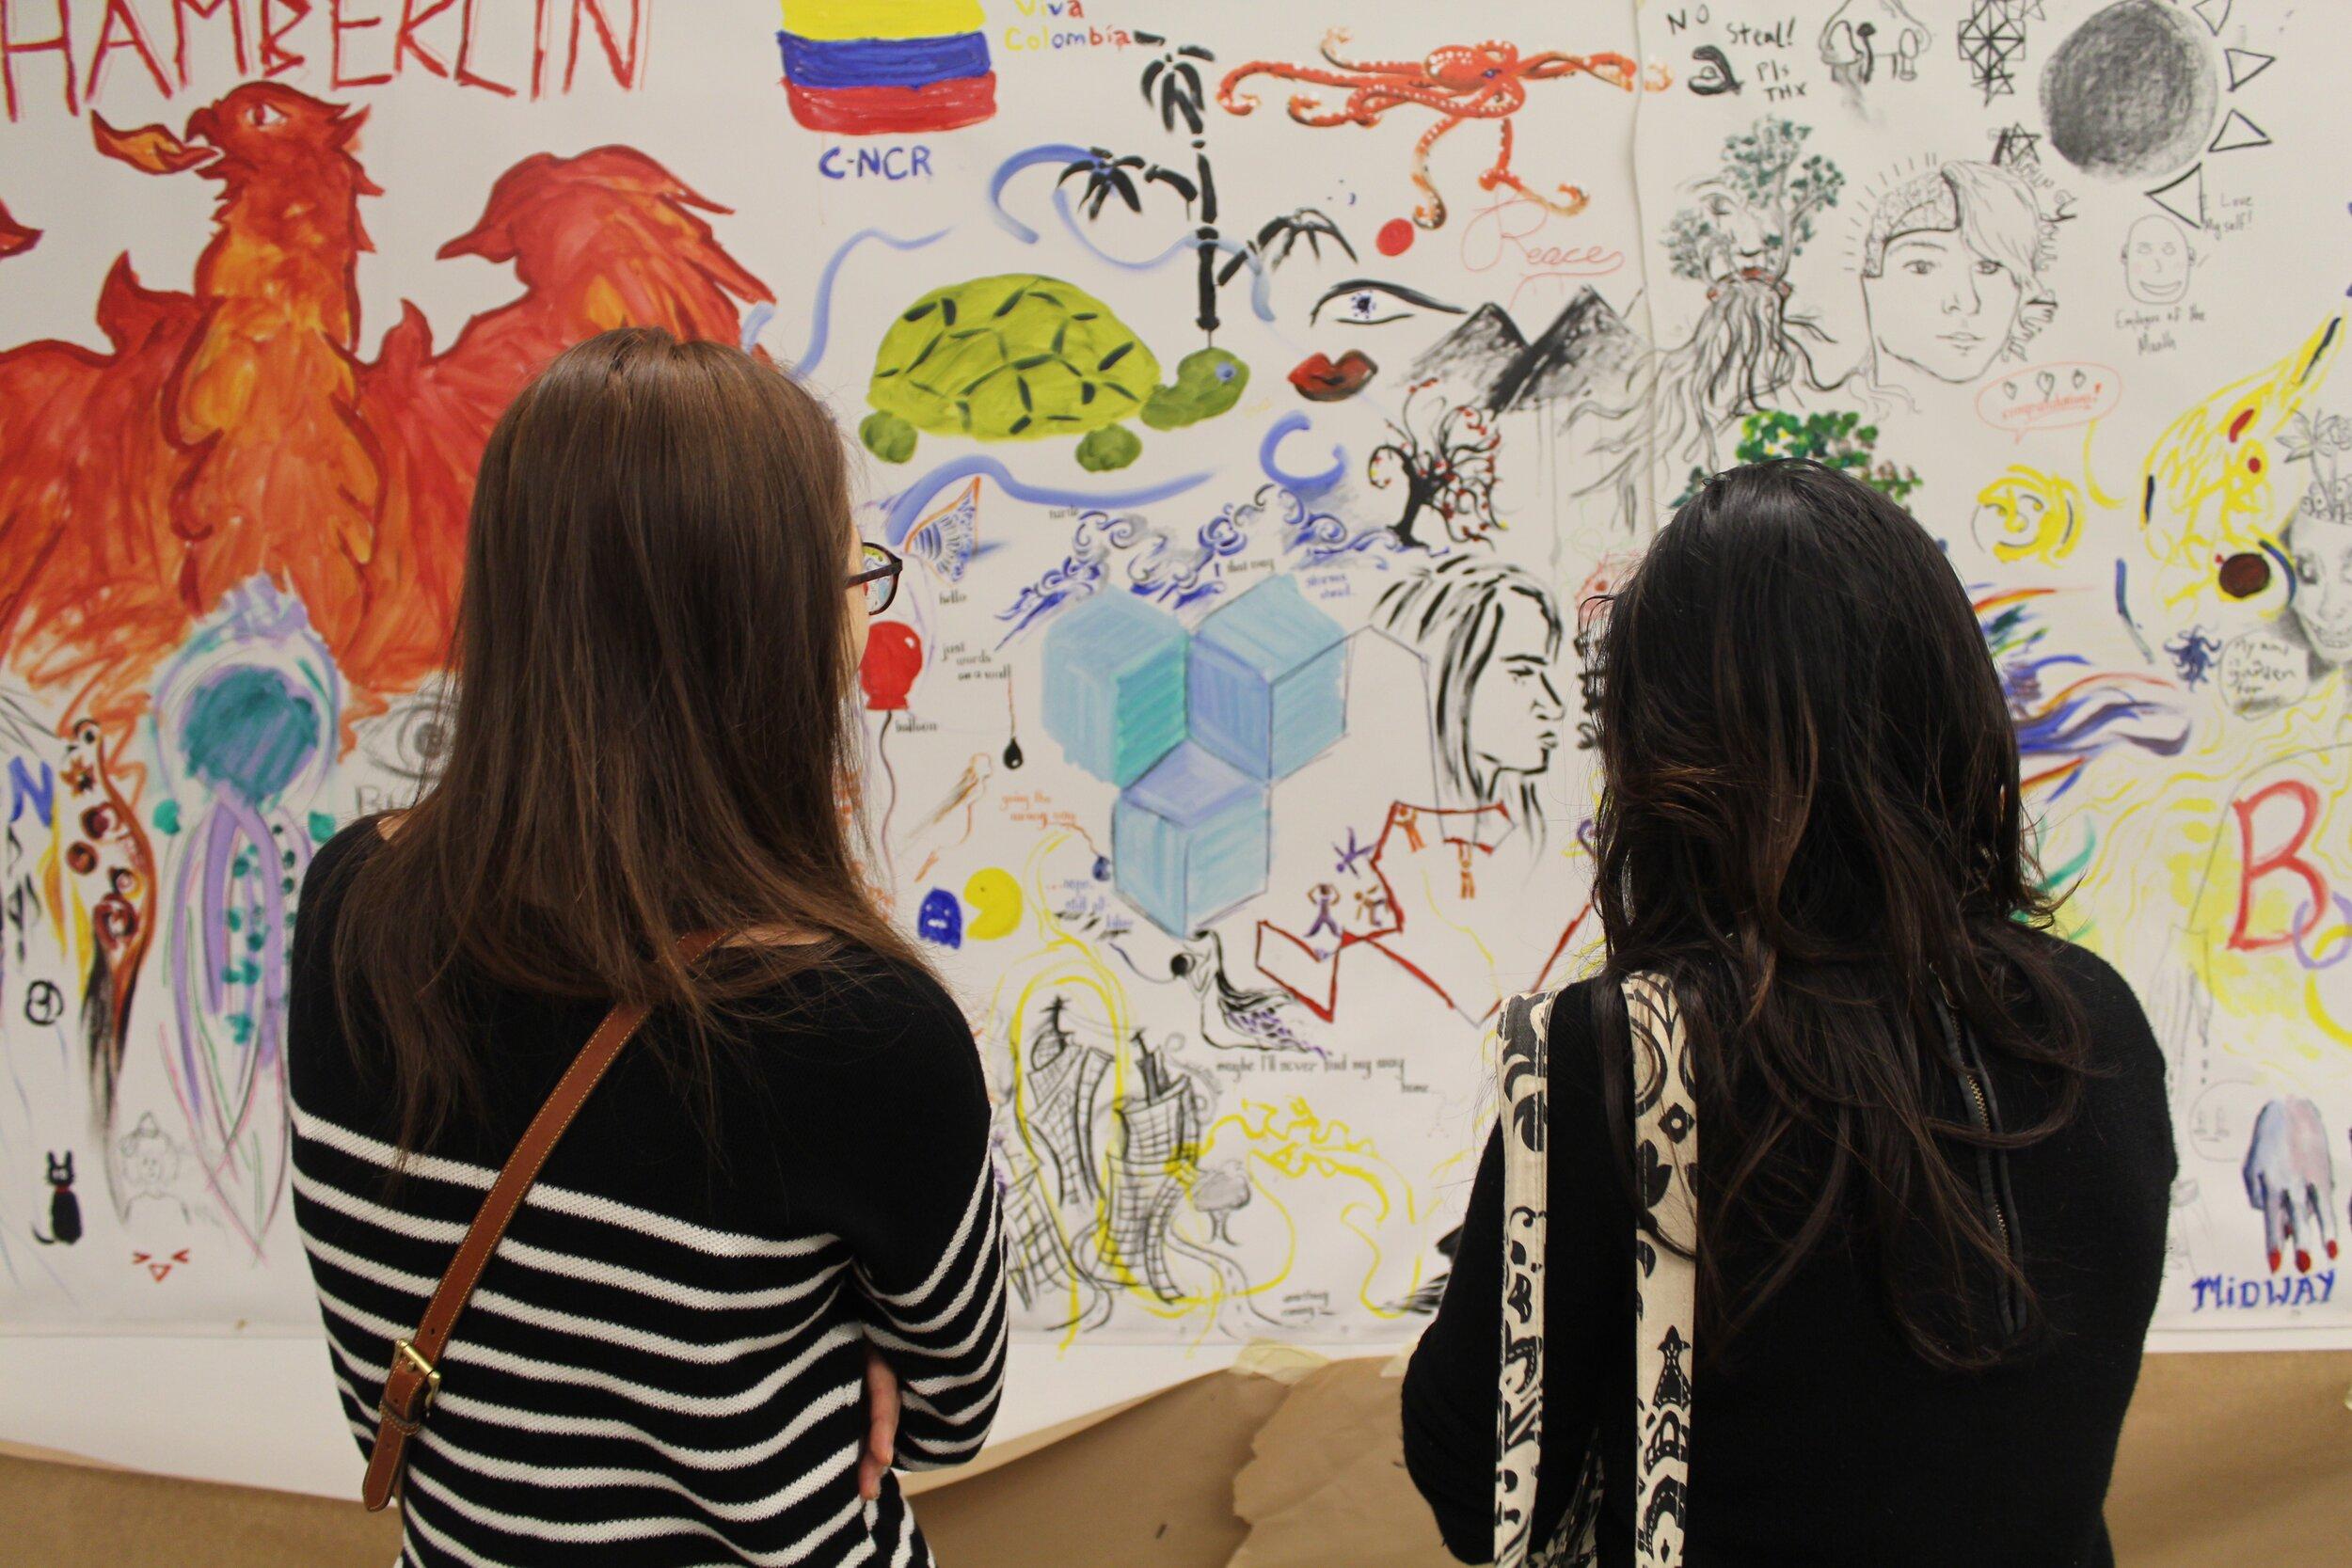 Photo courtesy University Arts Engagement / ArtPass.